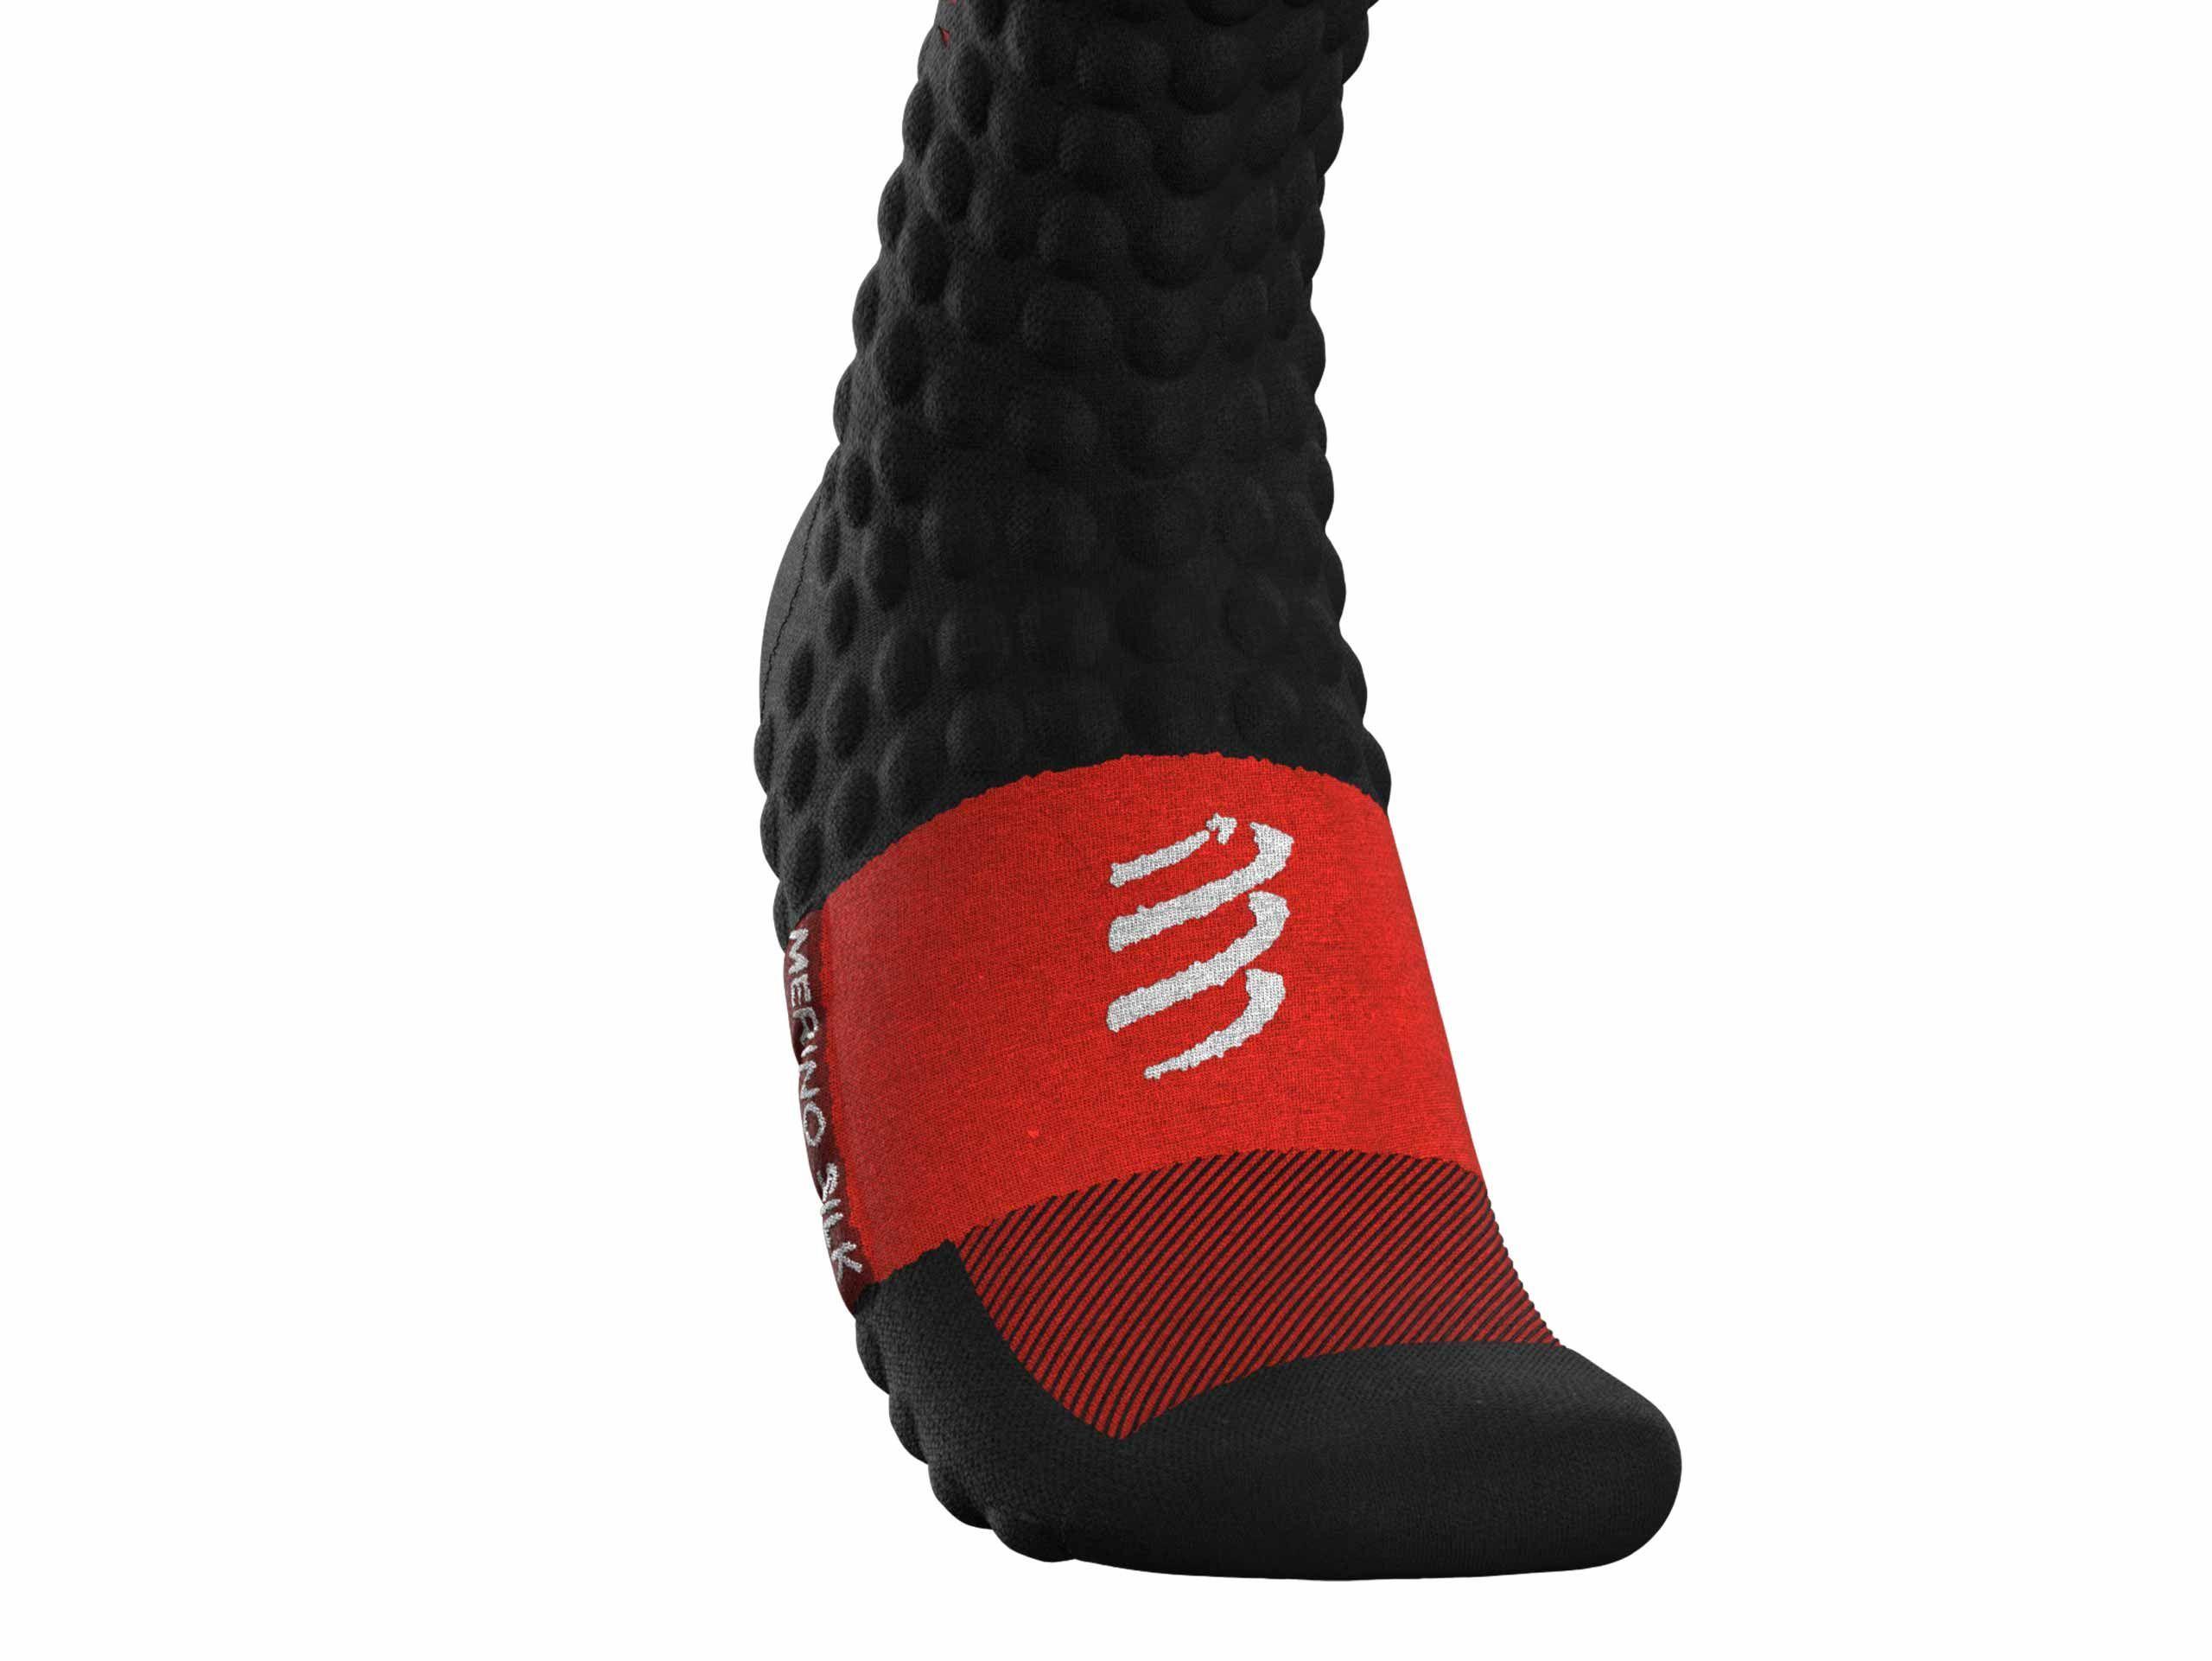 Calcetines Largos Skimo - Rojos Negros